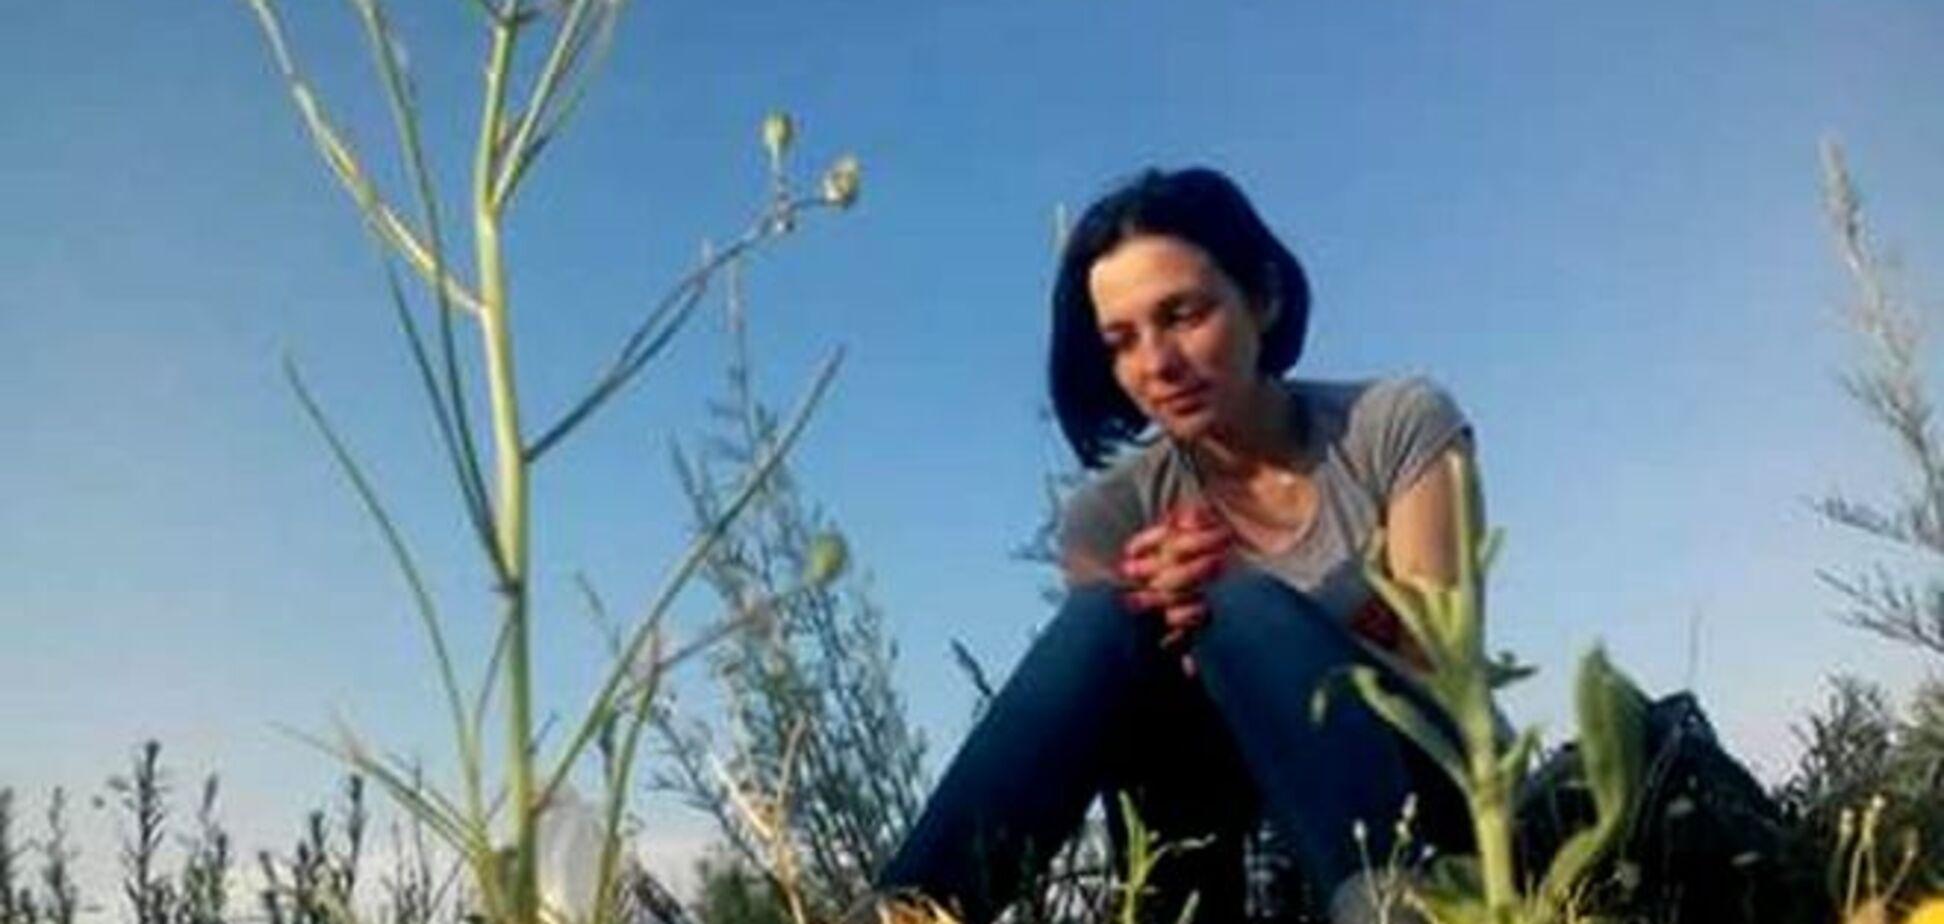 Волонтер Ольга Константинова о бизнесе на бойцах: для одних – война, а для других - способ наживы